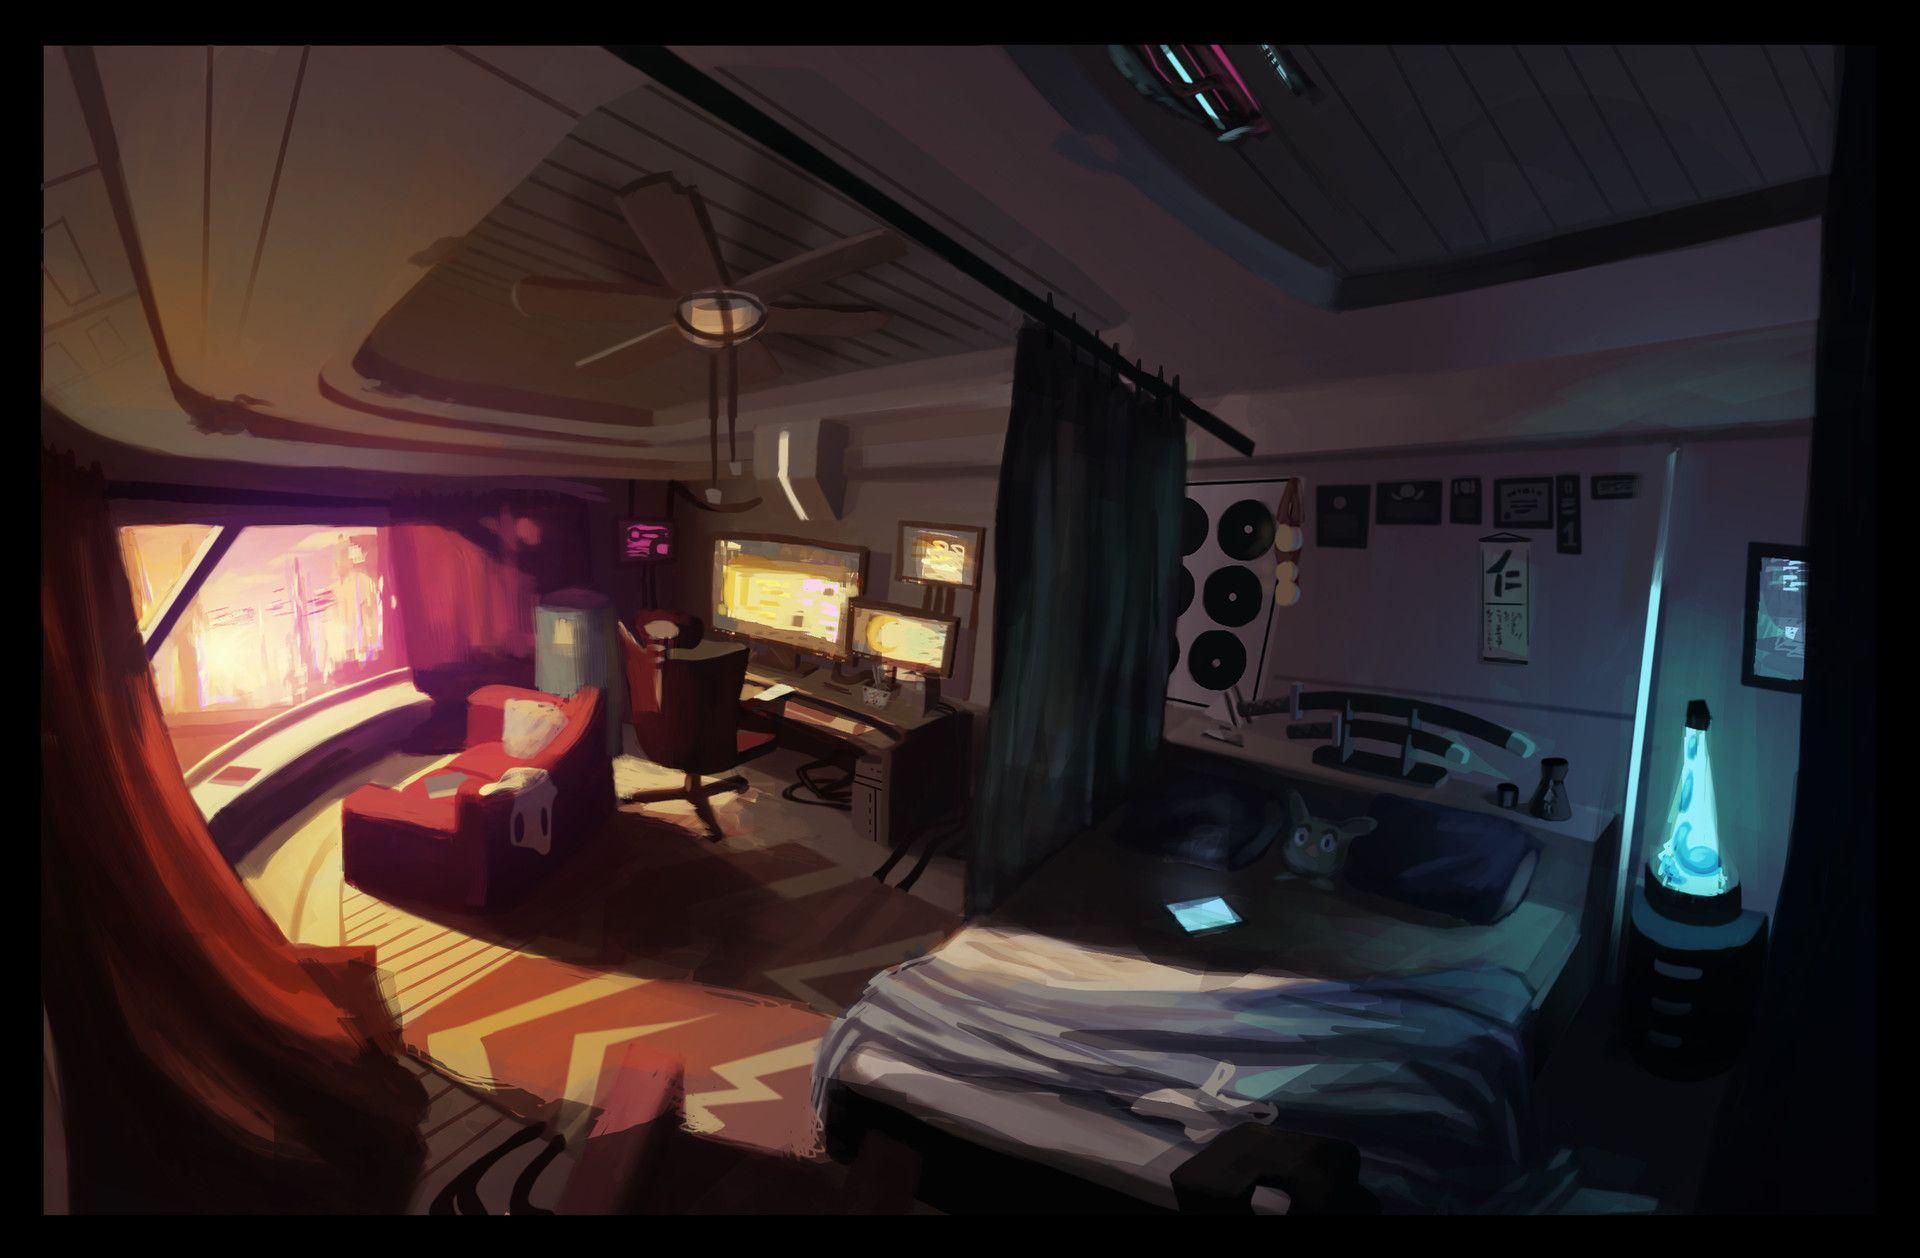 ArtStation - Elena's Bedroom, Ryan James | Cyberpunk ...